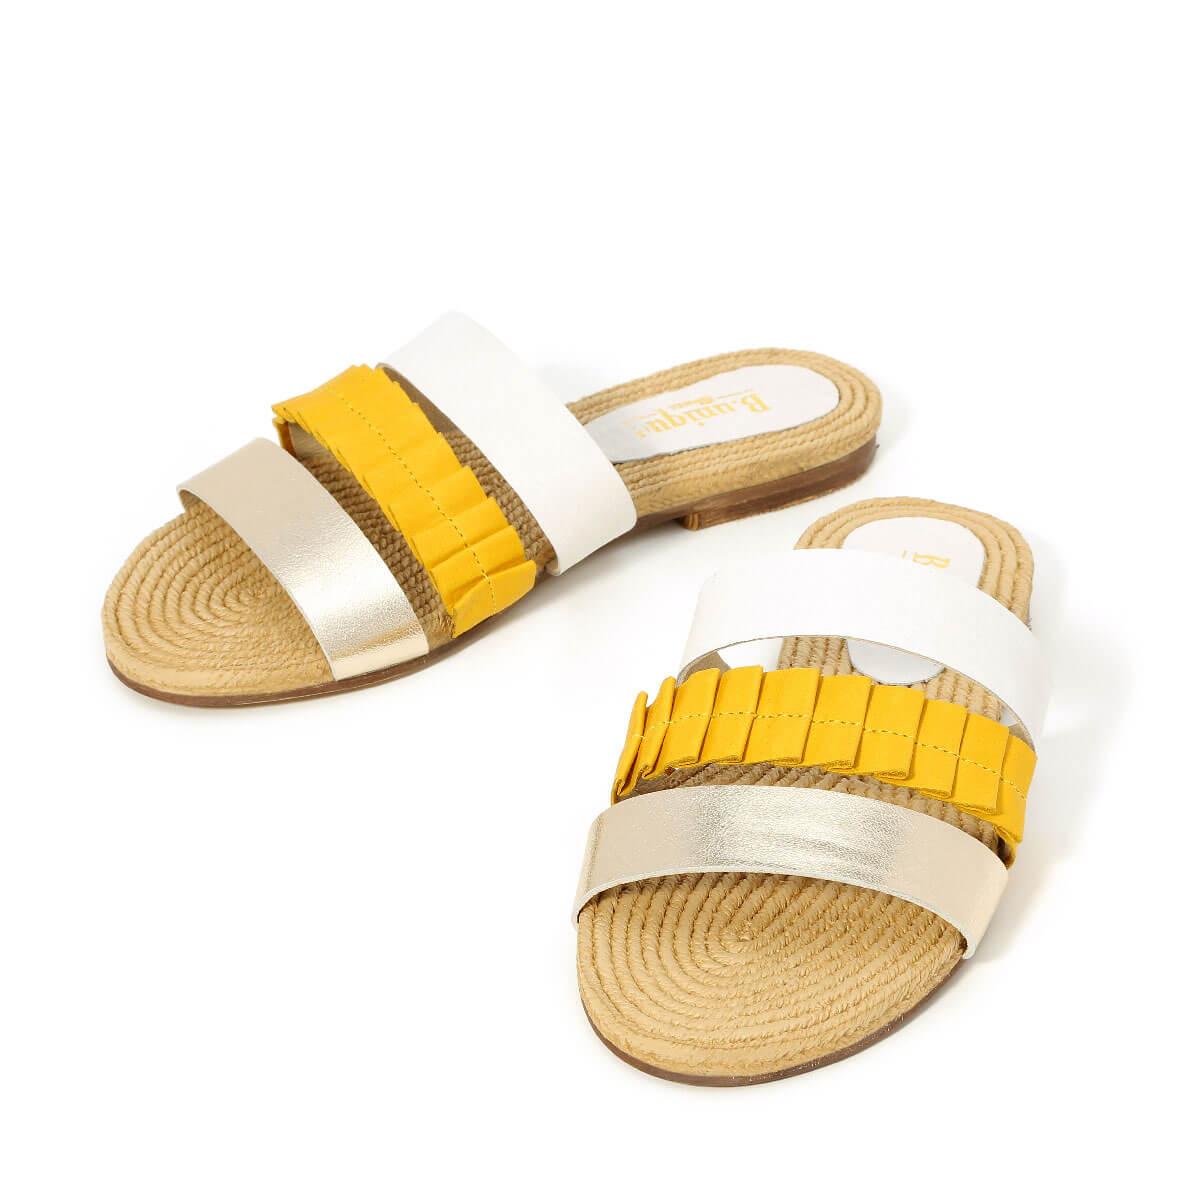 דגם נויה: נעליים בצבע צהוב